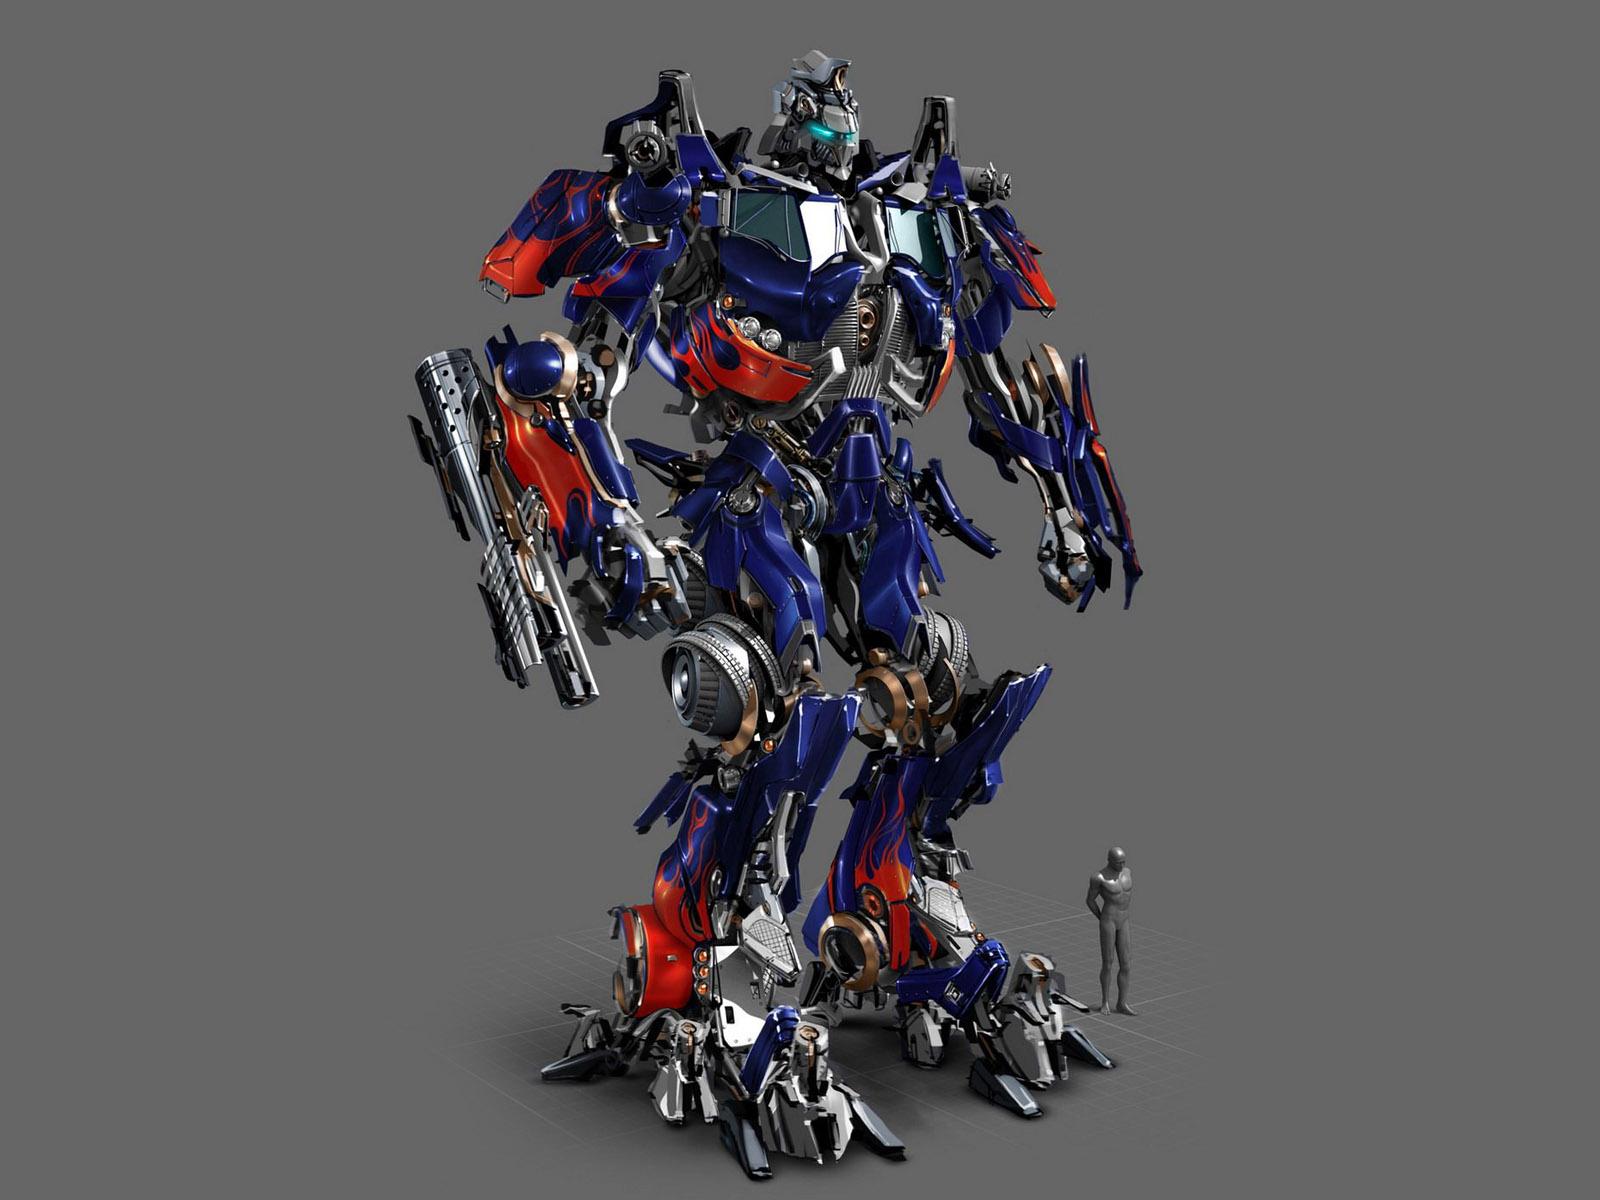 Transformers Matrix imagenes: Optimus Prime movie